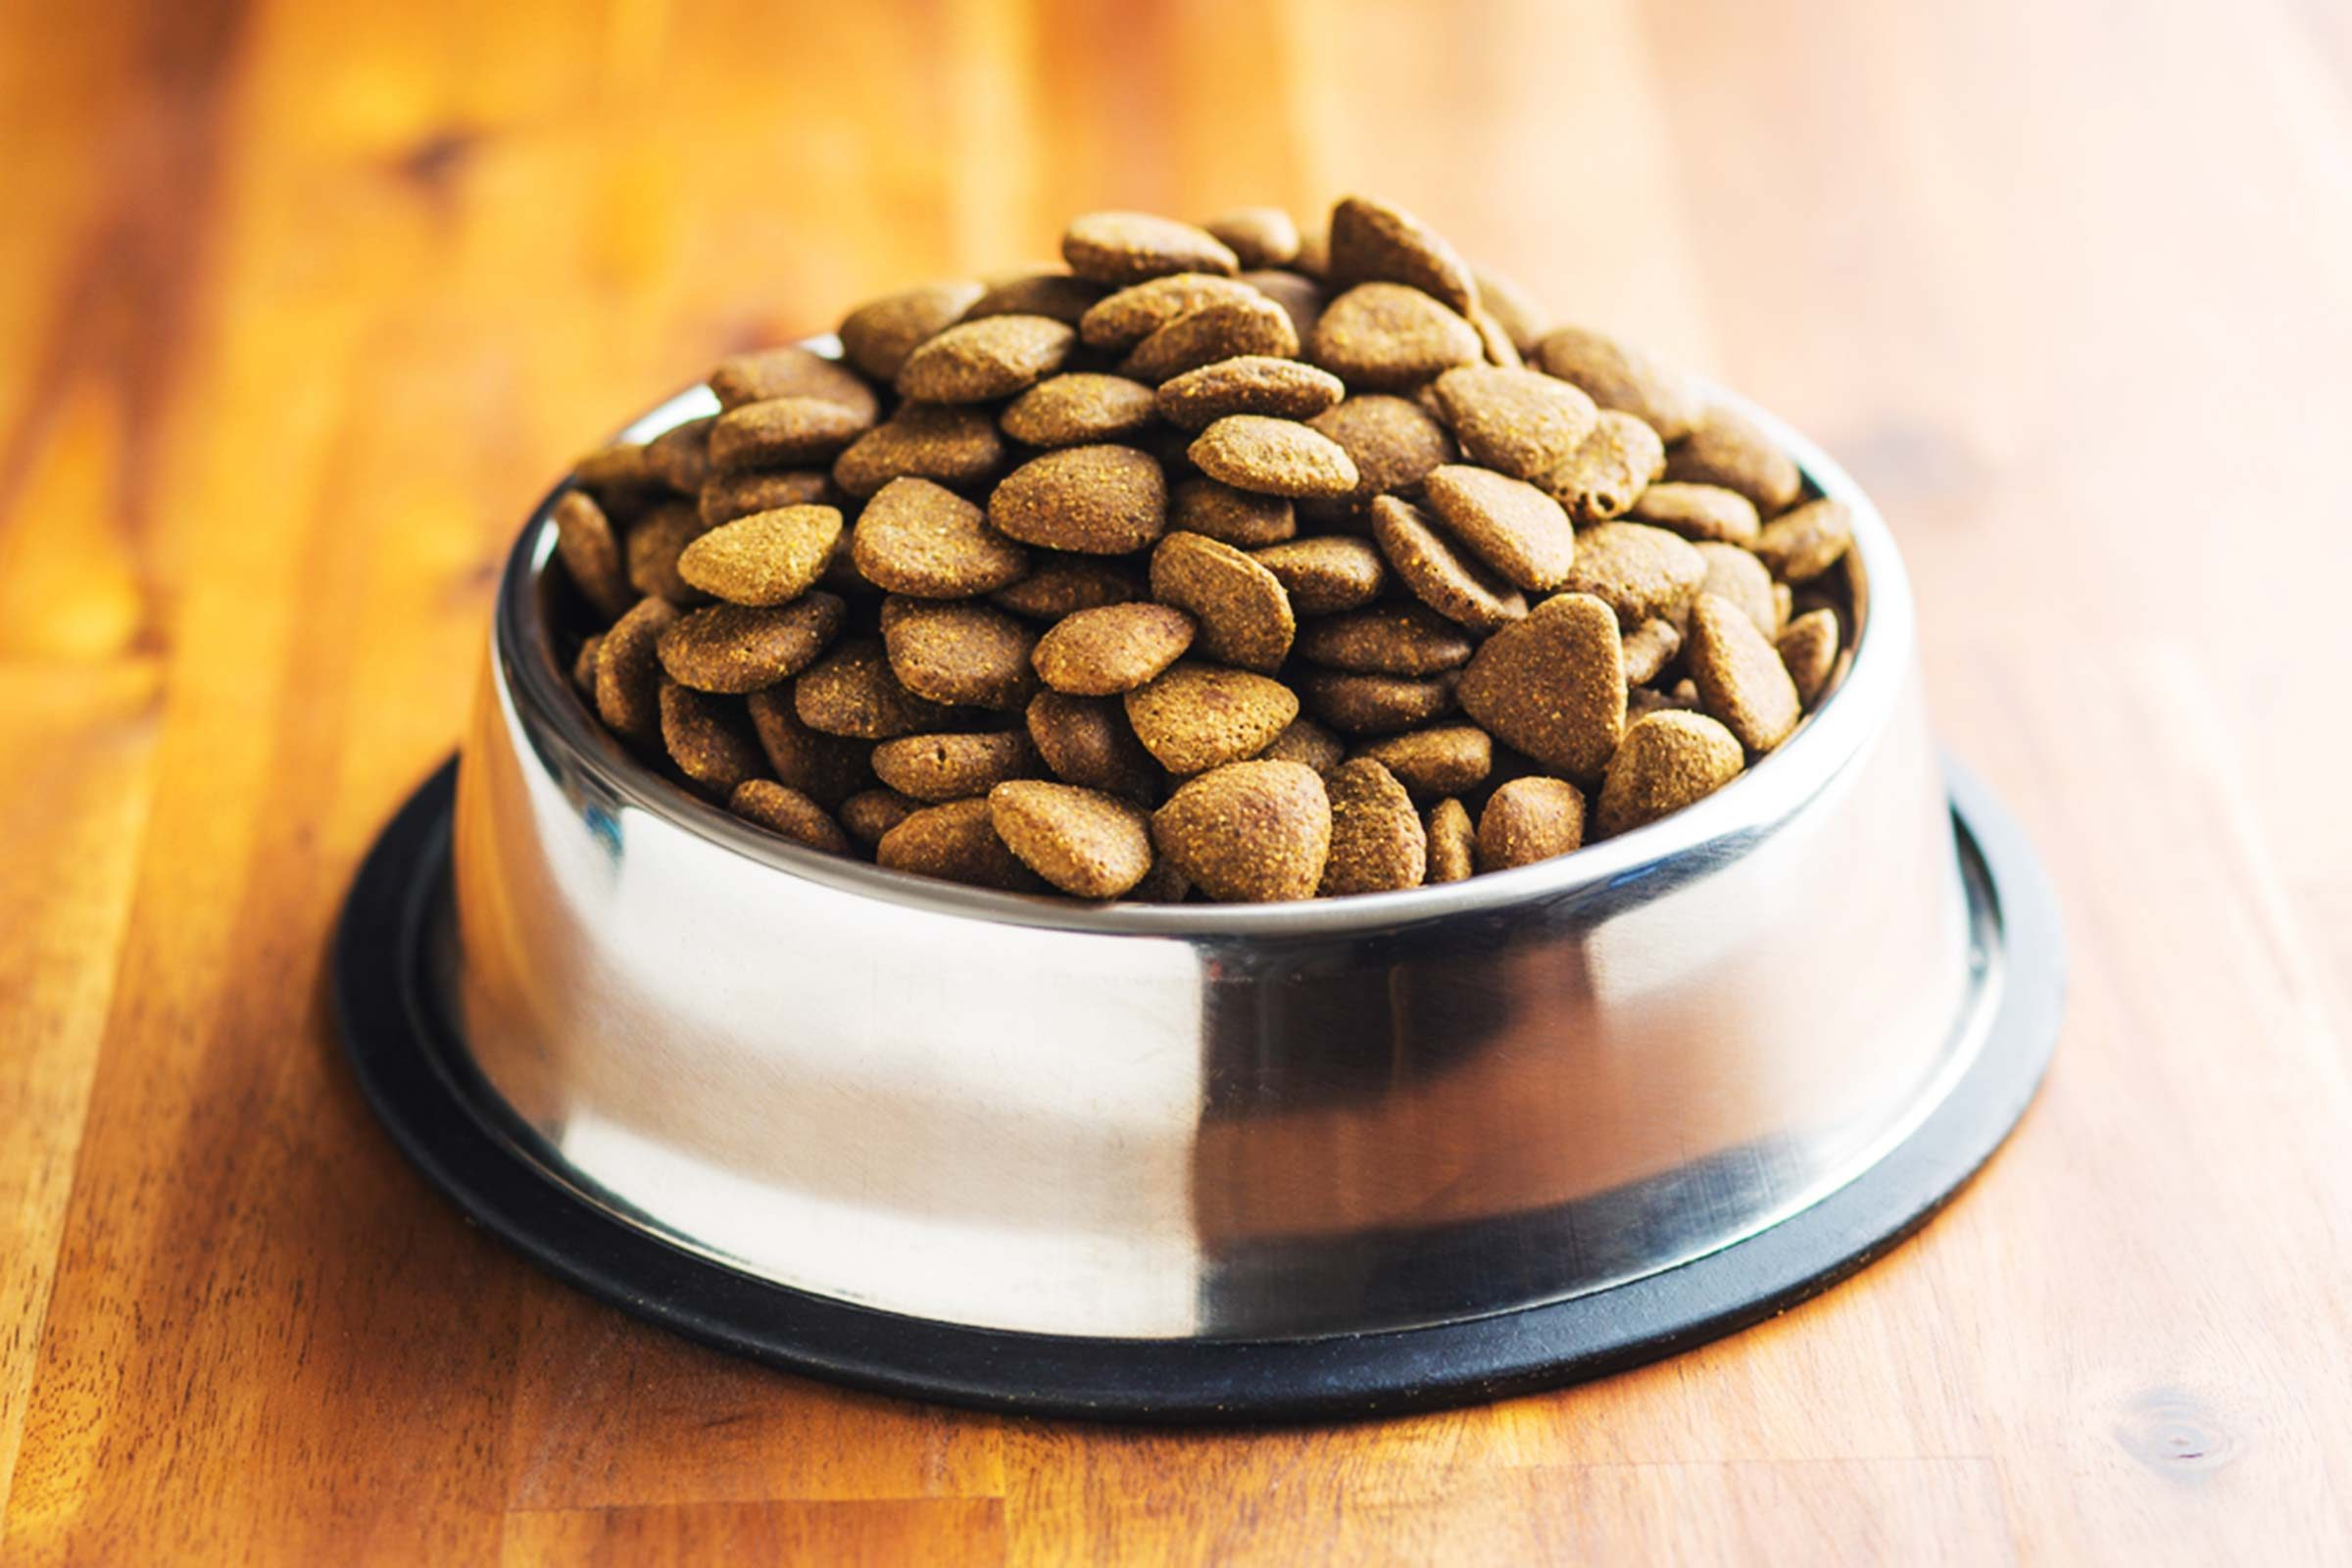 Nourriture d'animalerie : ne faites pas une fixation sur l'étiquette